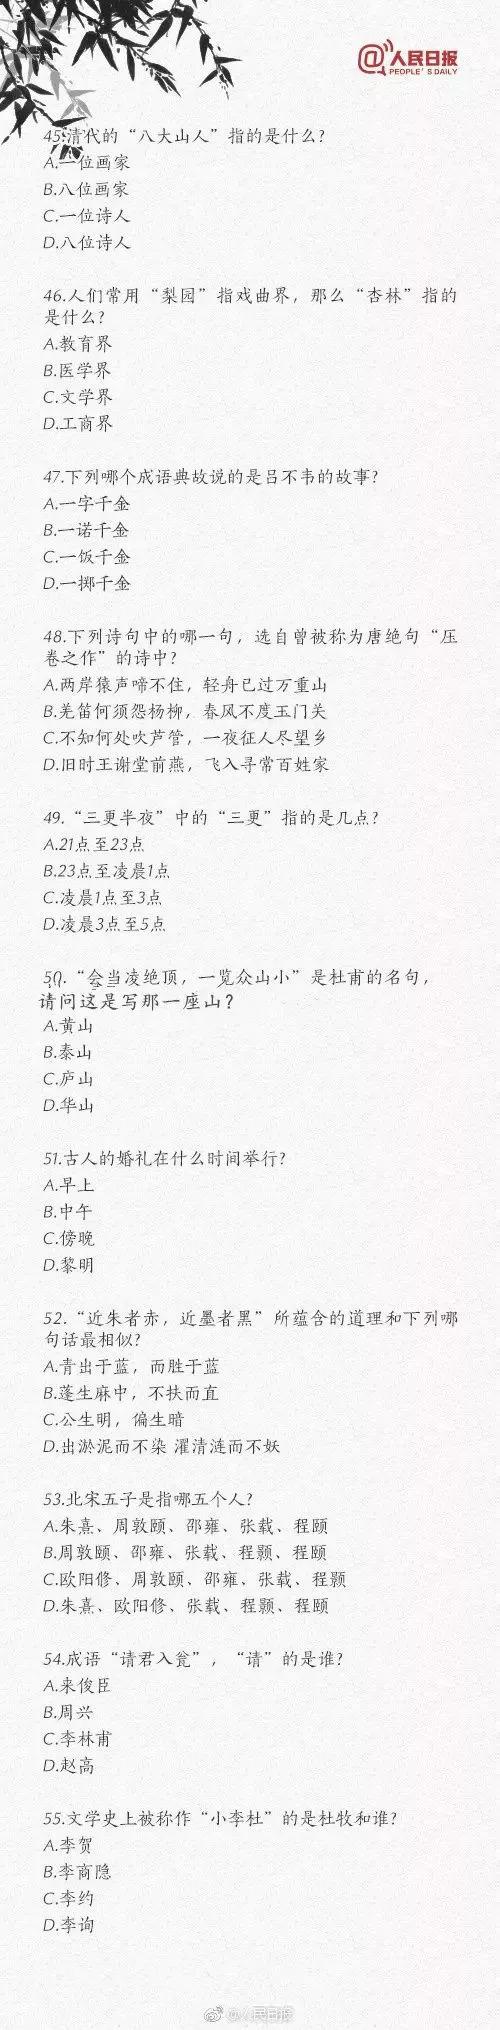 香港六马会开奖结果 5